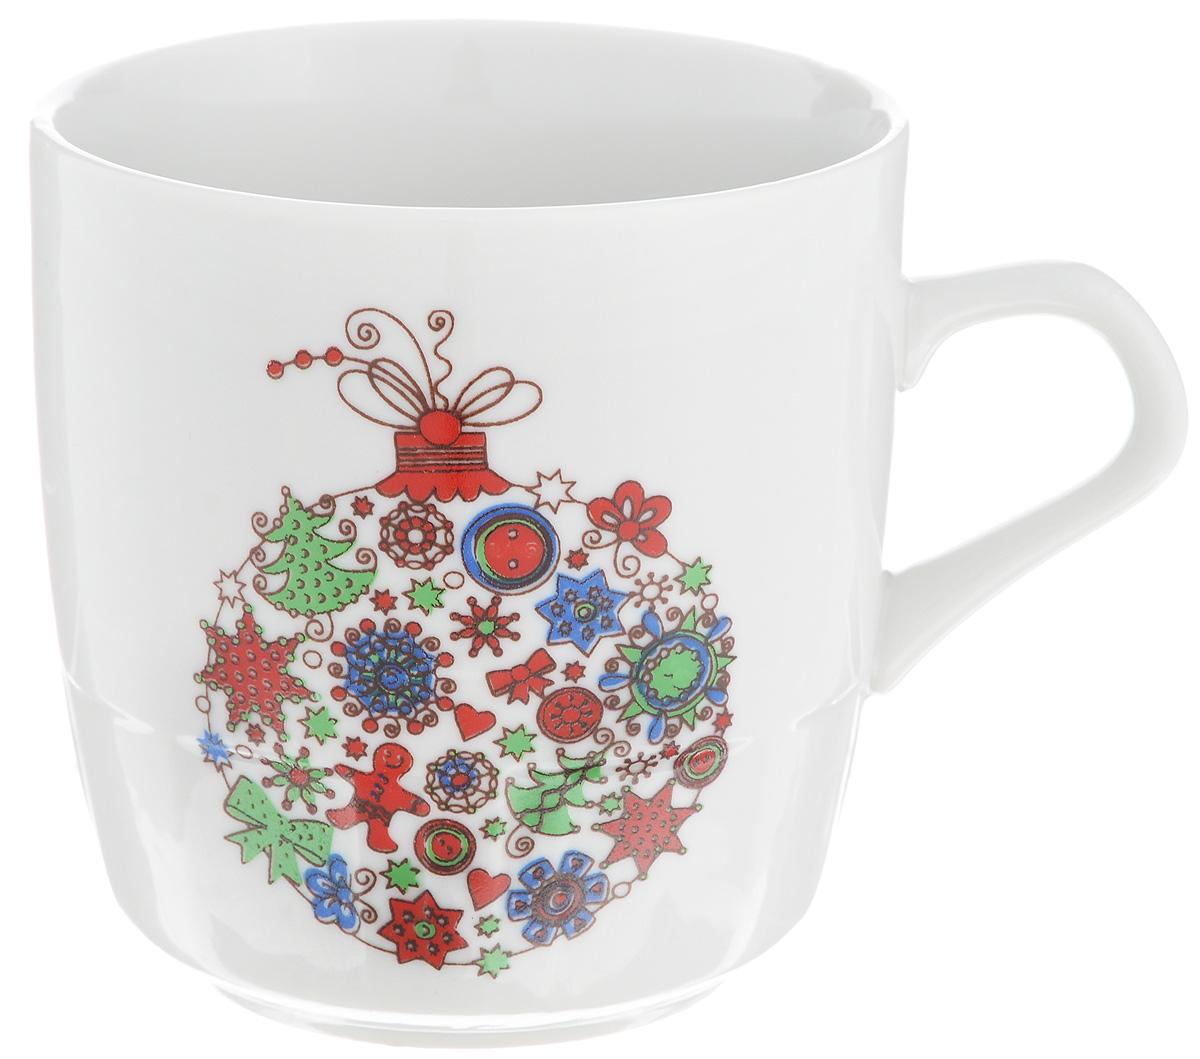 Кружка Фарфор Вербилок Разноцветные шары, 250 мл5813140Кружка Фарфор Вербилок Разноцветные шары способна скрасить любое чаепитие. Изделие выполнено из высококачественного фарфора. Посуда из такого материала позволяет сохранить истинный вкус напитка, а также помогает ему дольше оставаться теплым. Диаметр по верхнему краю: 8 см. Высота кружки: 8,5 см.